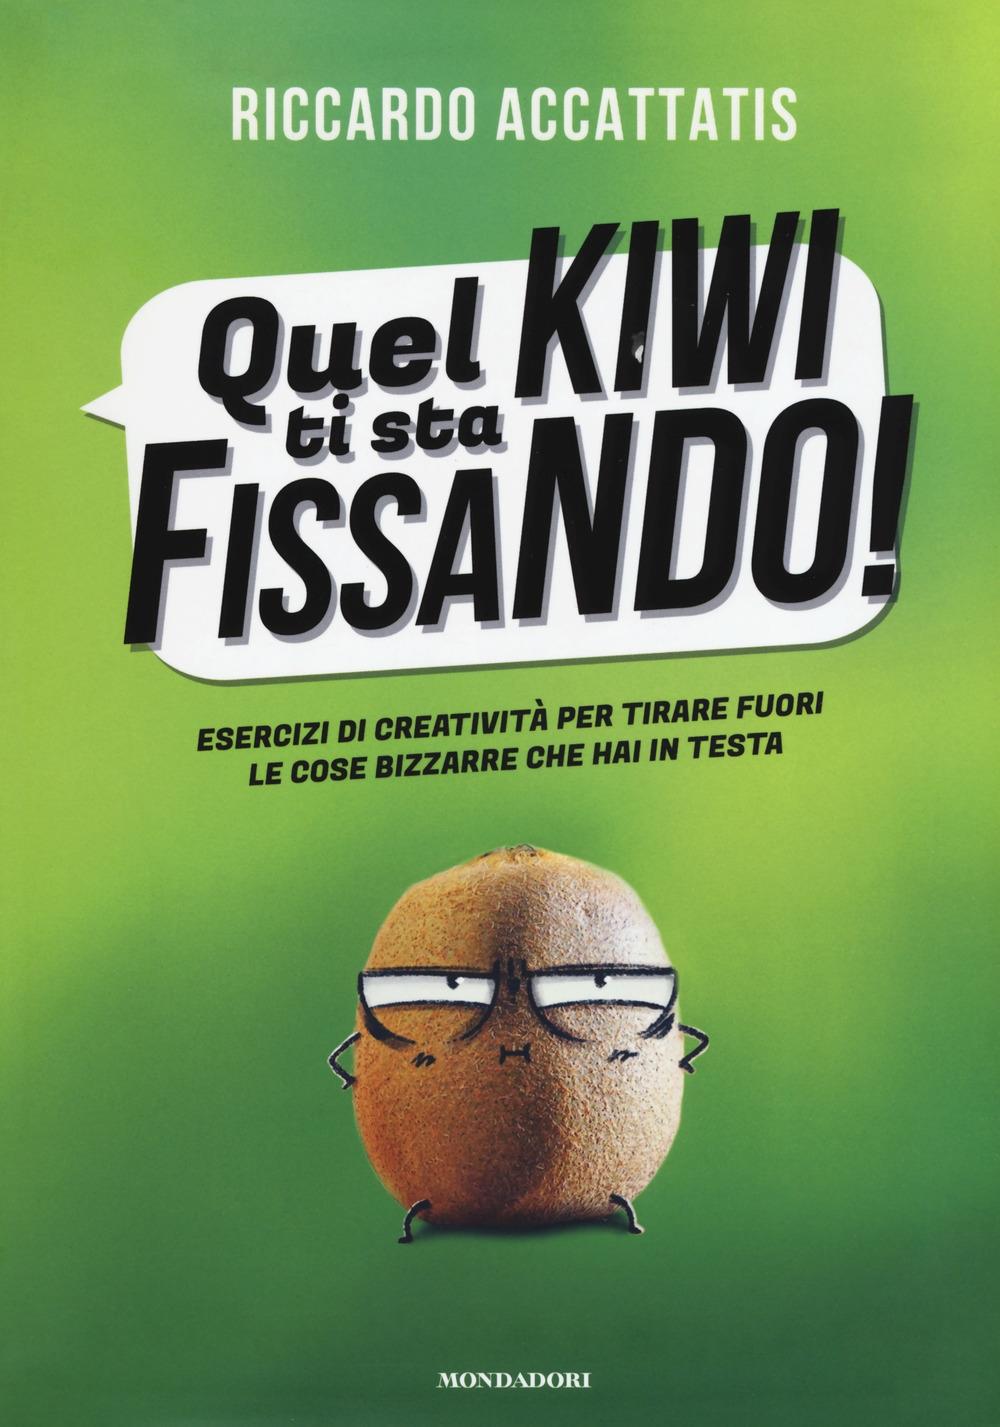 Quel kiwi ti sta fissando! Esercizi di creatività per tirare fuori le cose bizzarre che hai in testa